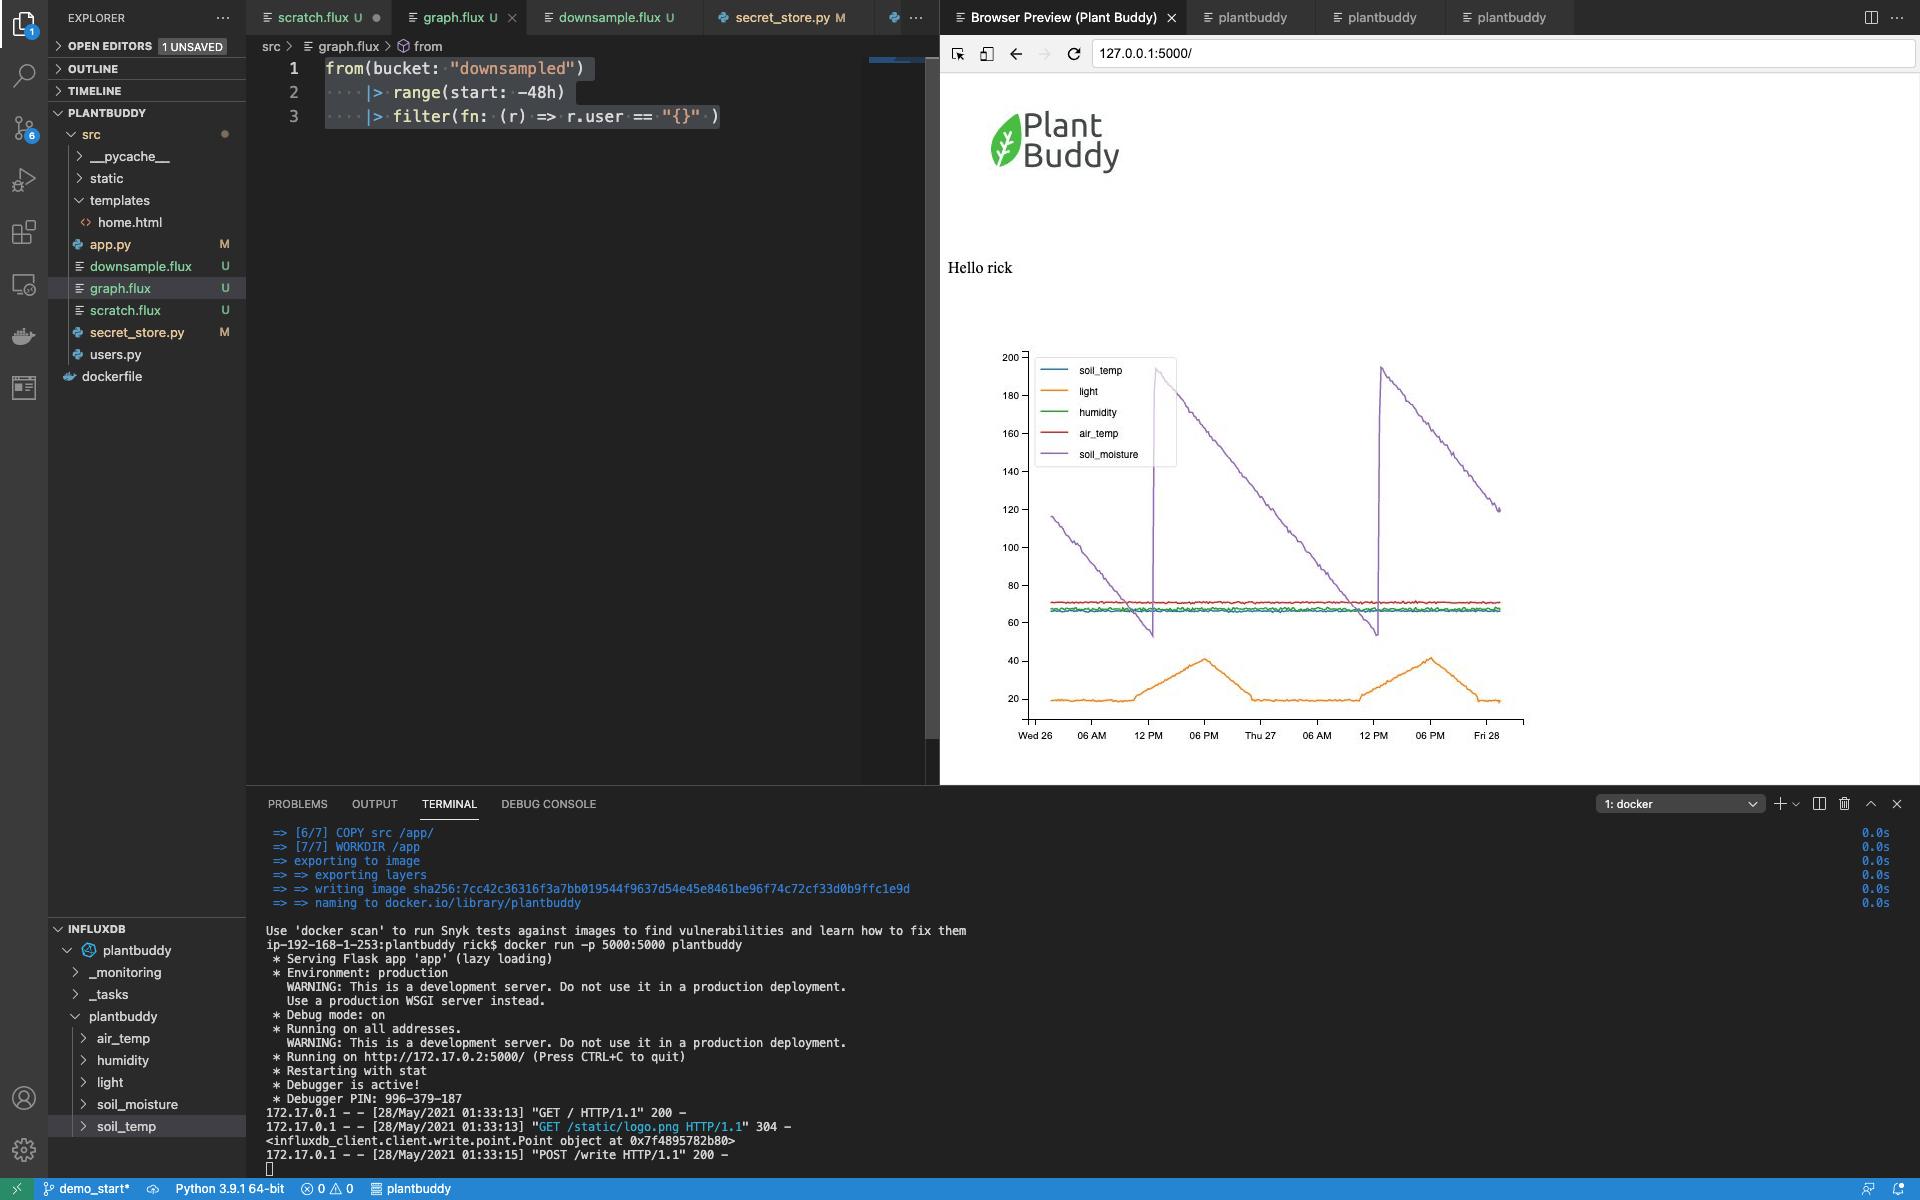 graph after restart